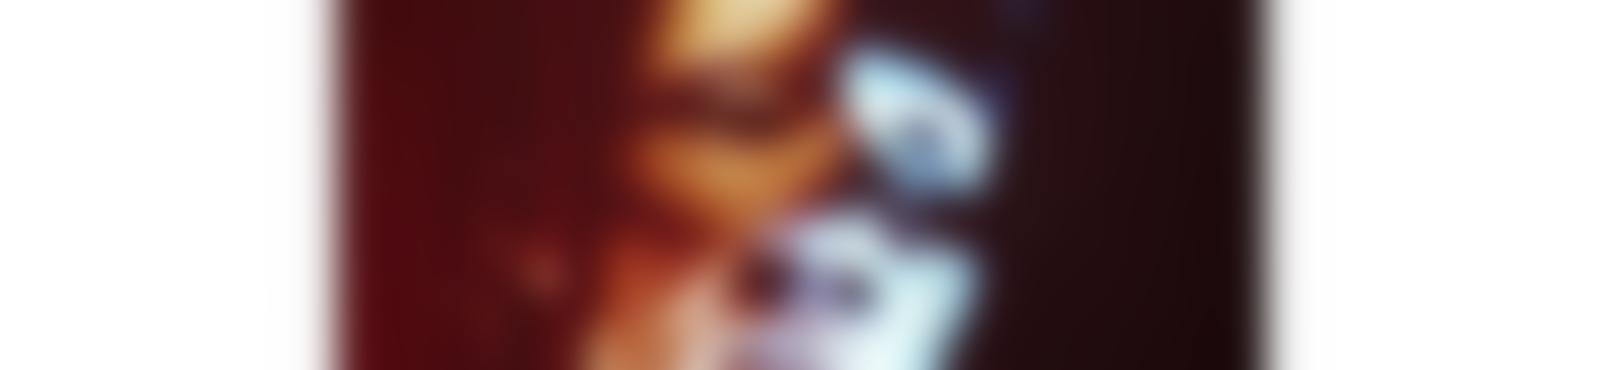 Blurred 55ed6f4e aa7e 4d33 b47d 3ac23b9110c7